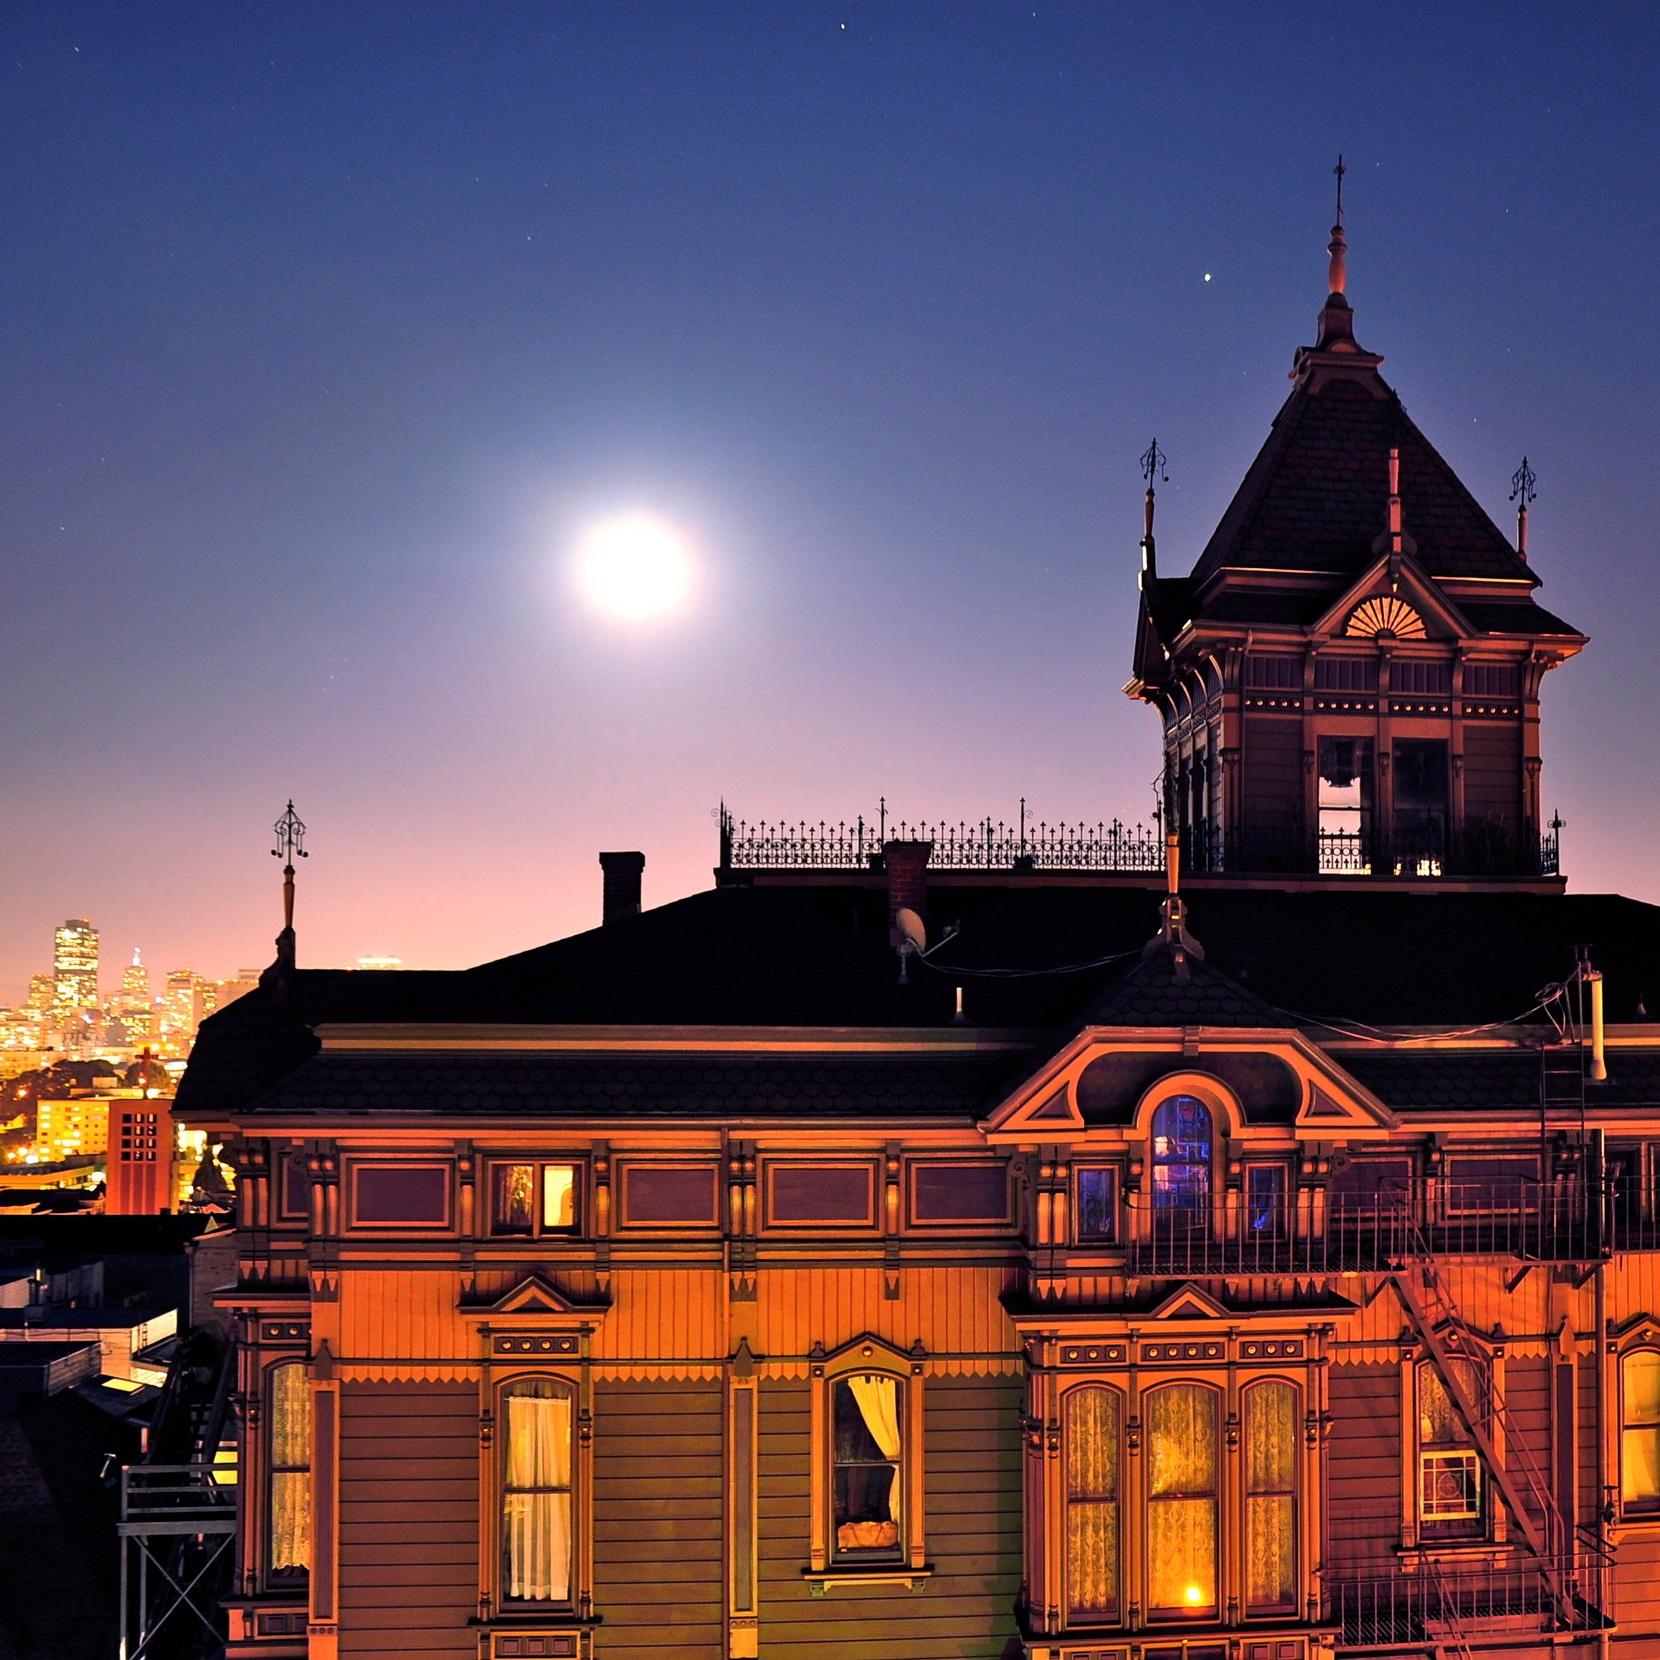 Moonlit_Westerfeld_House.JPG